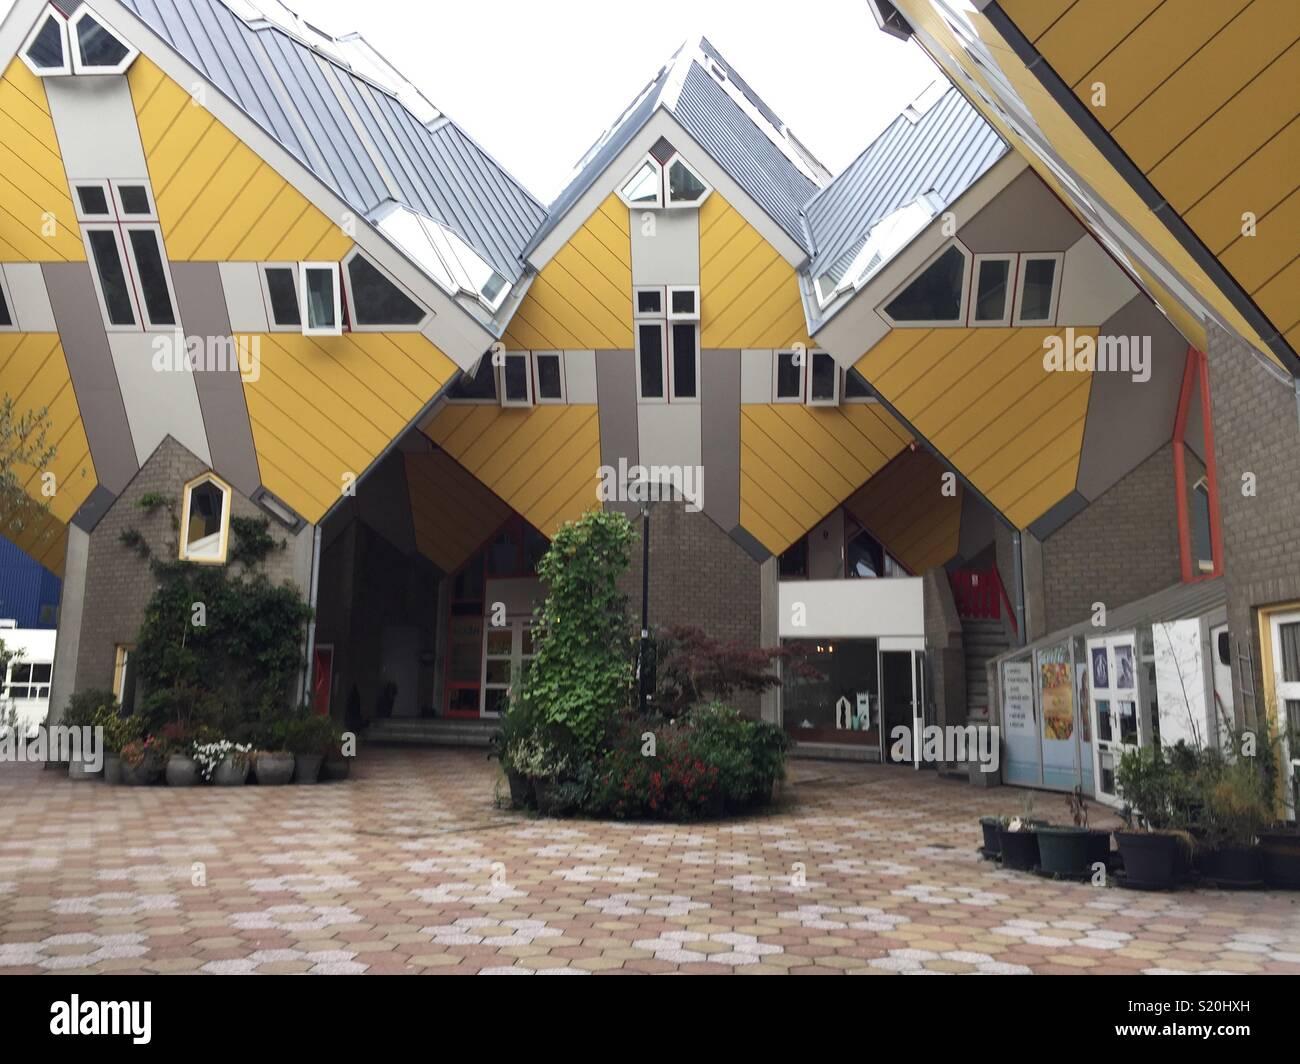 L'avant du cube jaune maisons à Rotterdam, Pays-Bas Banque D'Images